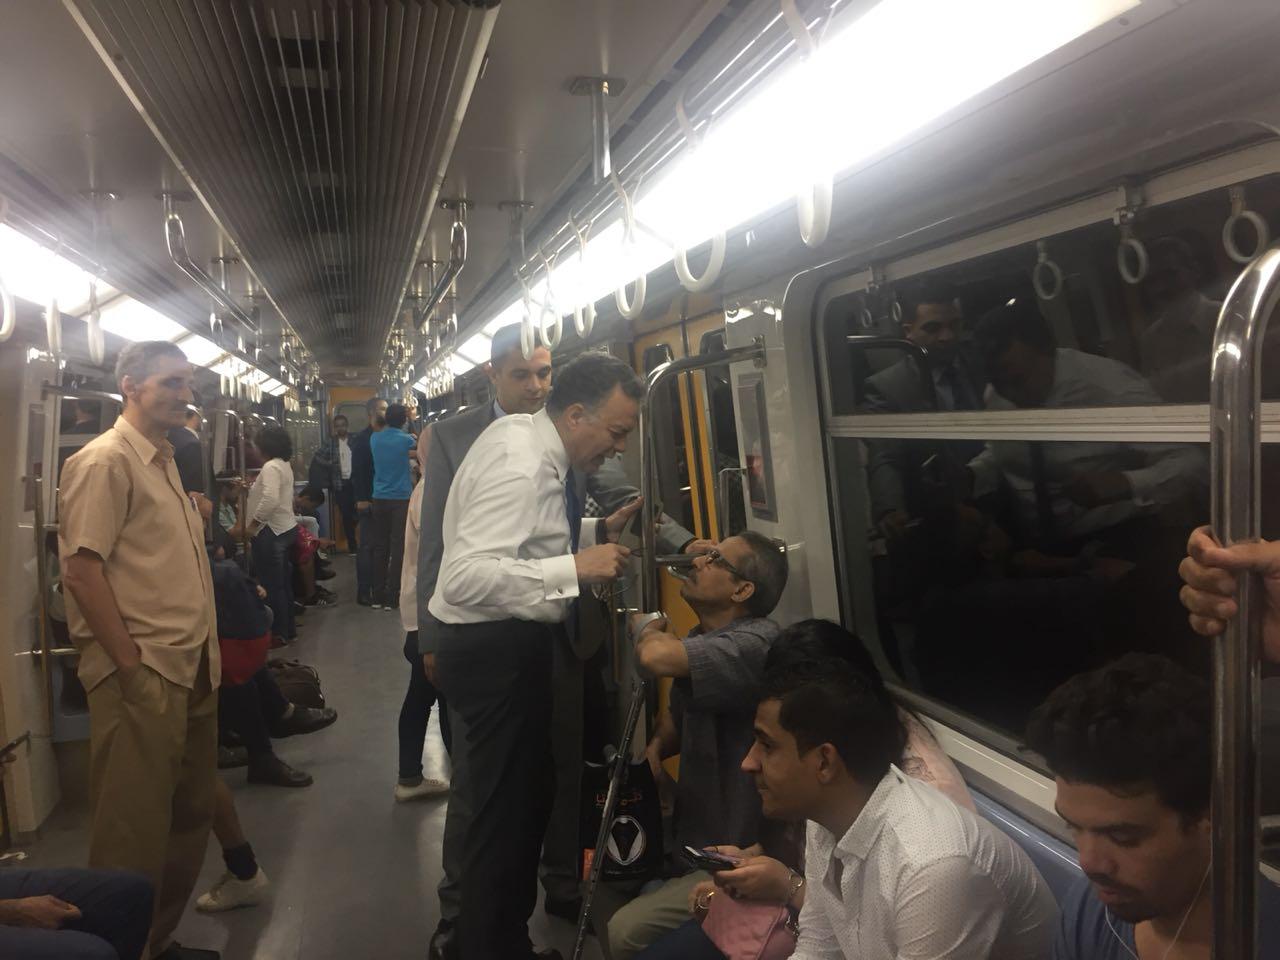 صور |  وزير النقل في جولة تفقدية مفاجئة لمحطة الجيزة والمترو